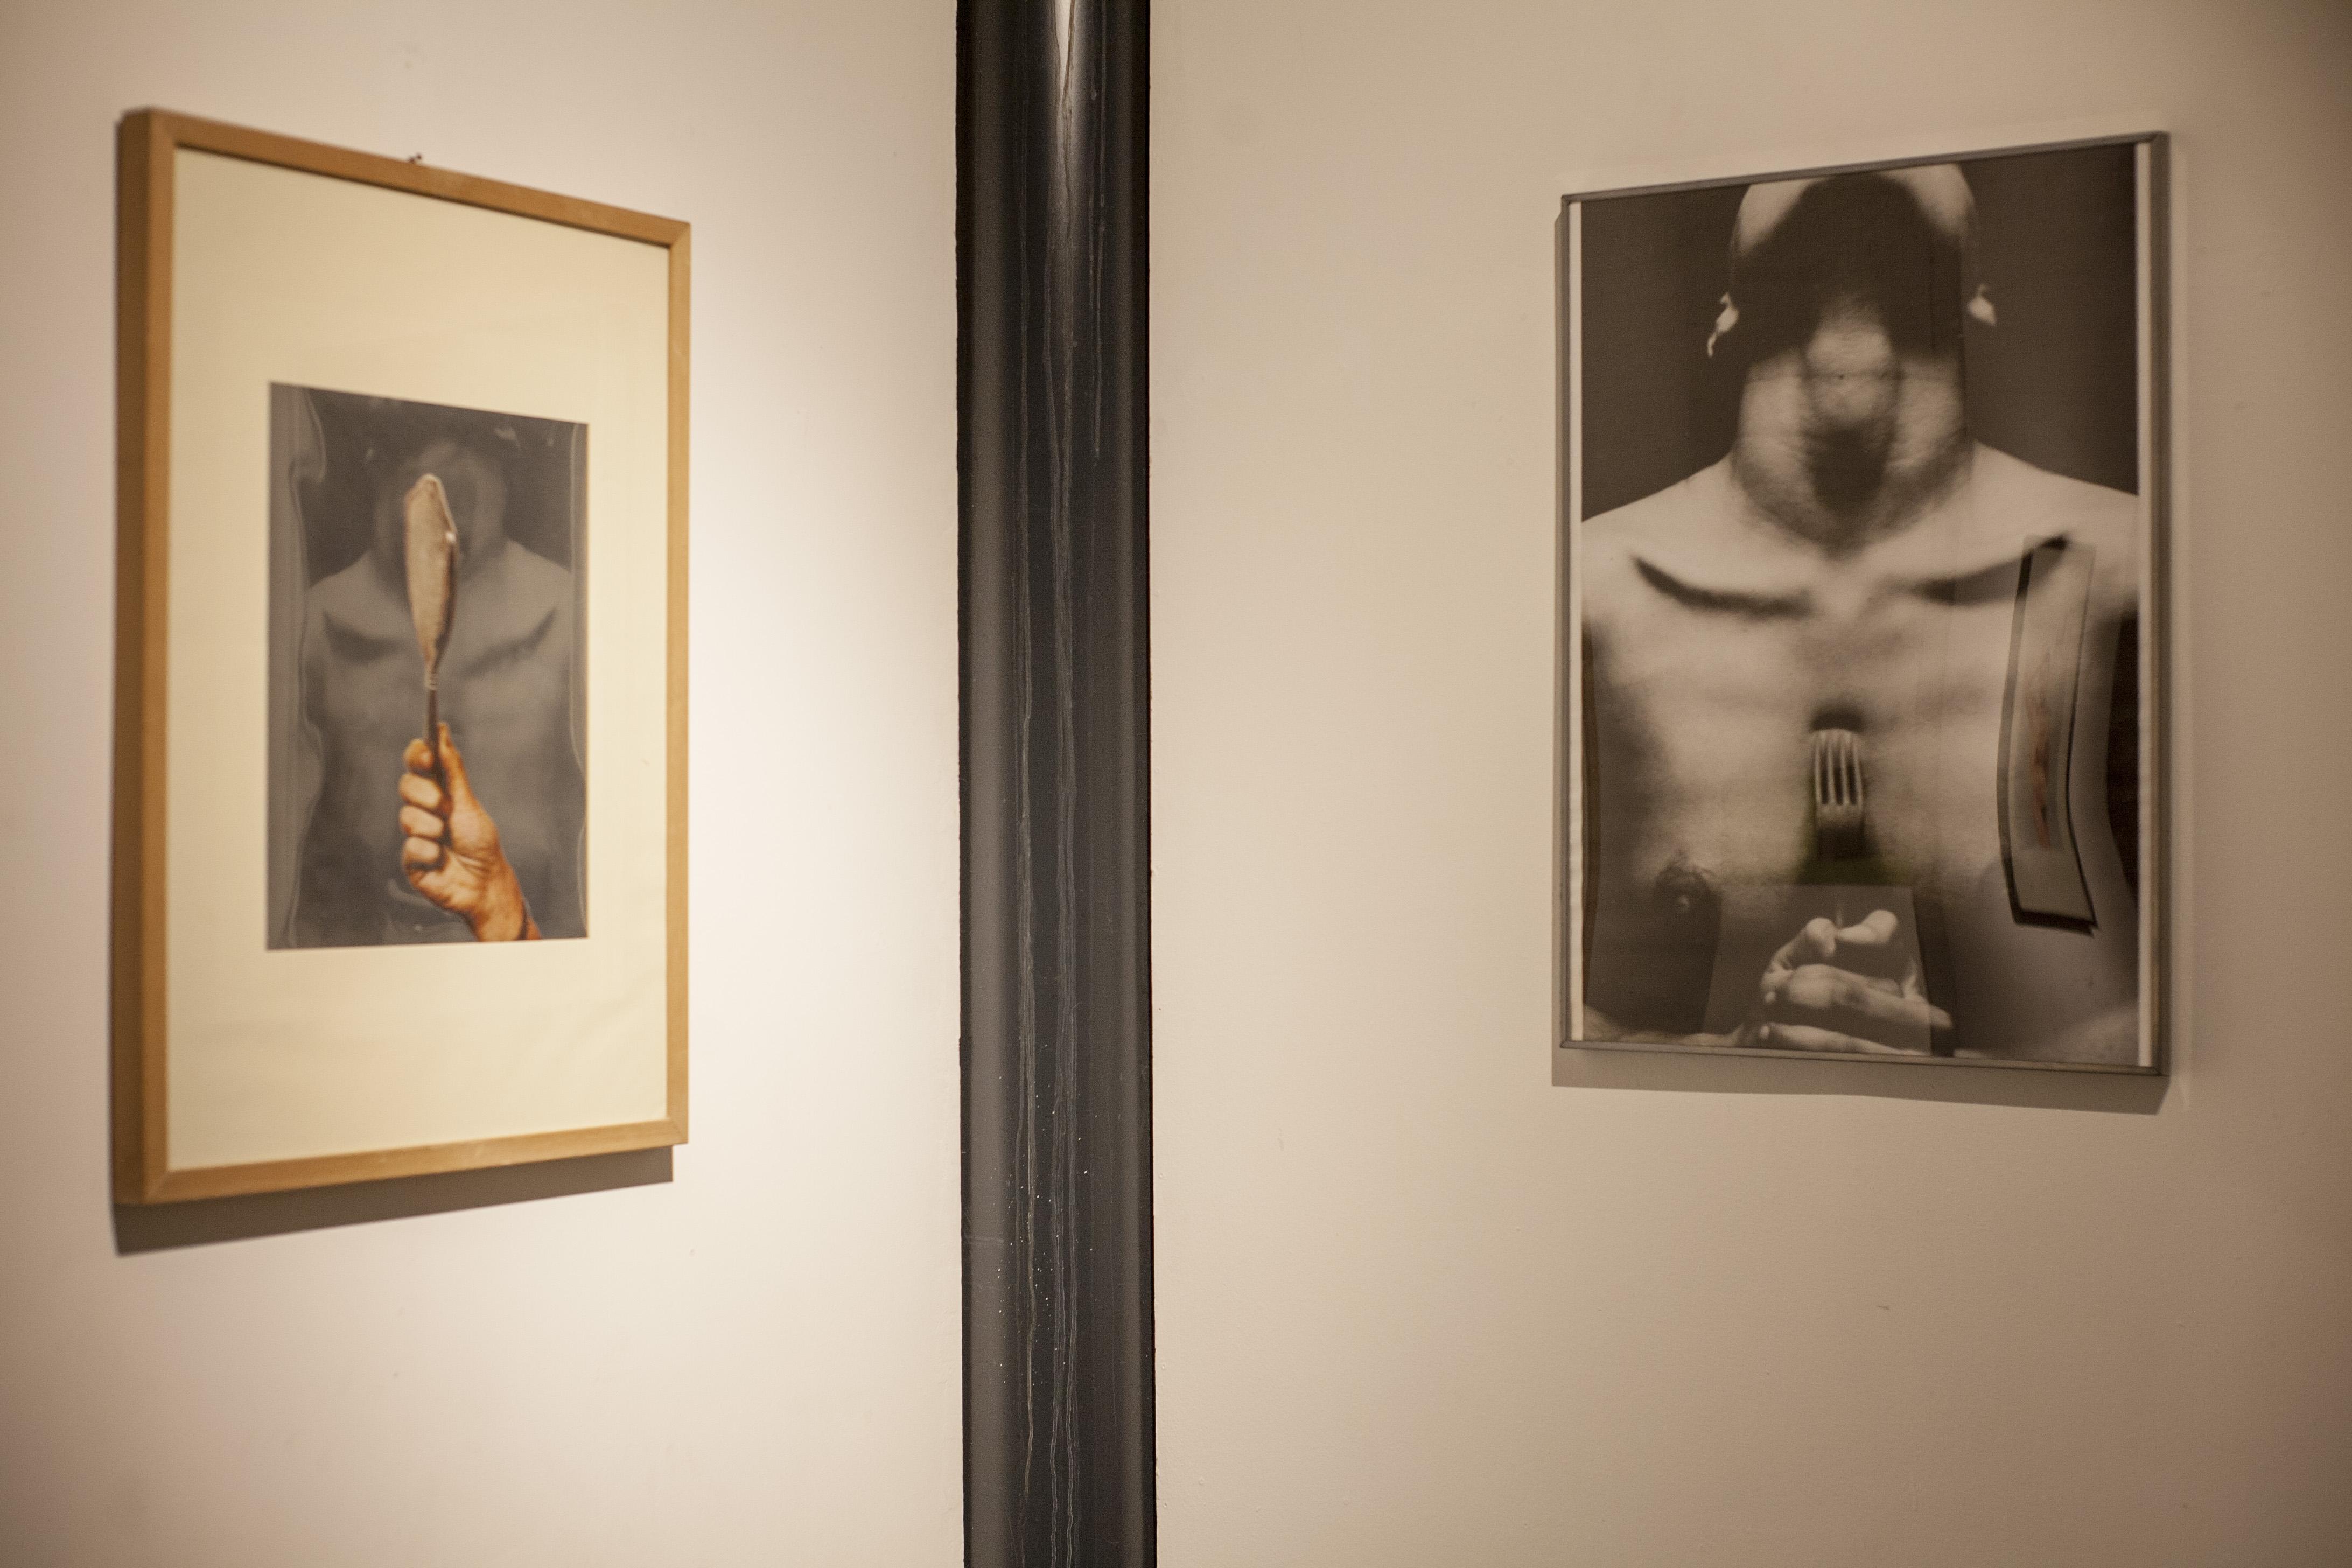 mano con specchio, 1981 Michelangelo Pistoletto - L'organico metafisico, 1985 Elisabetta Catamo